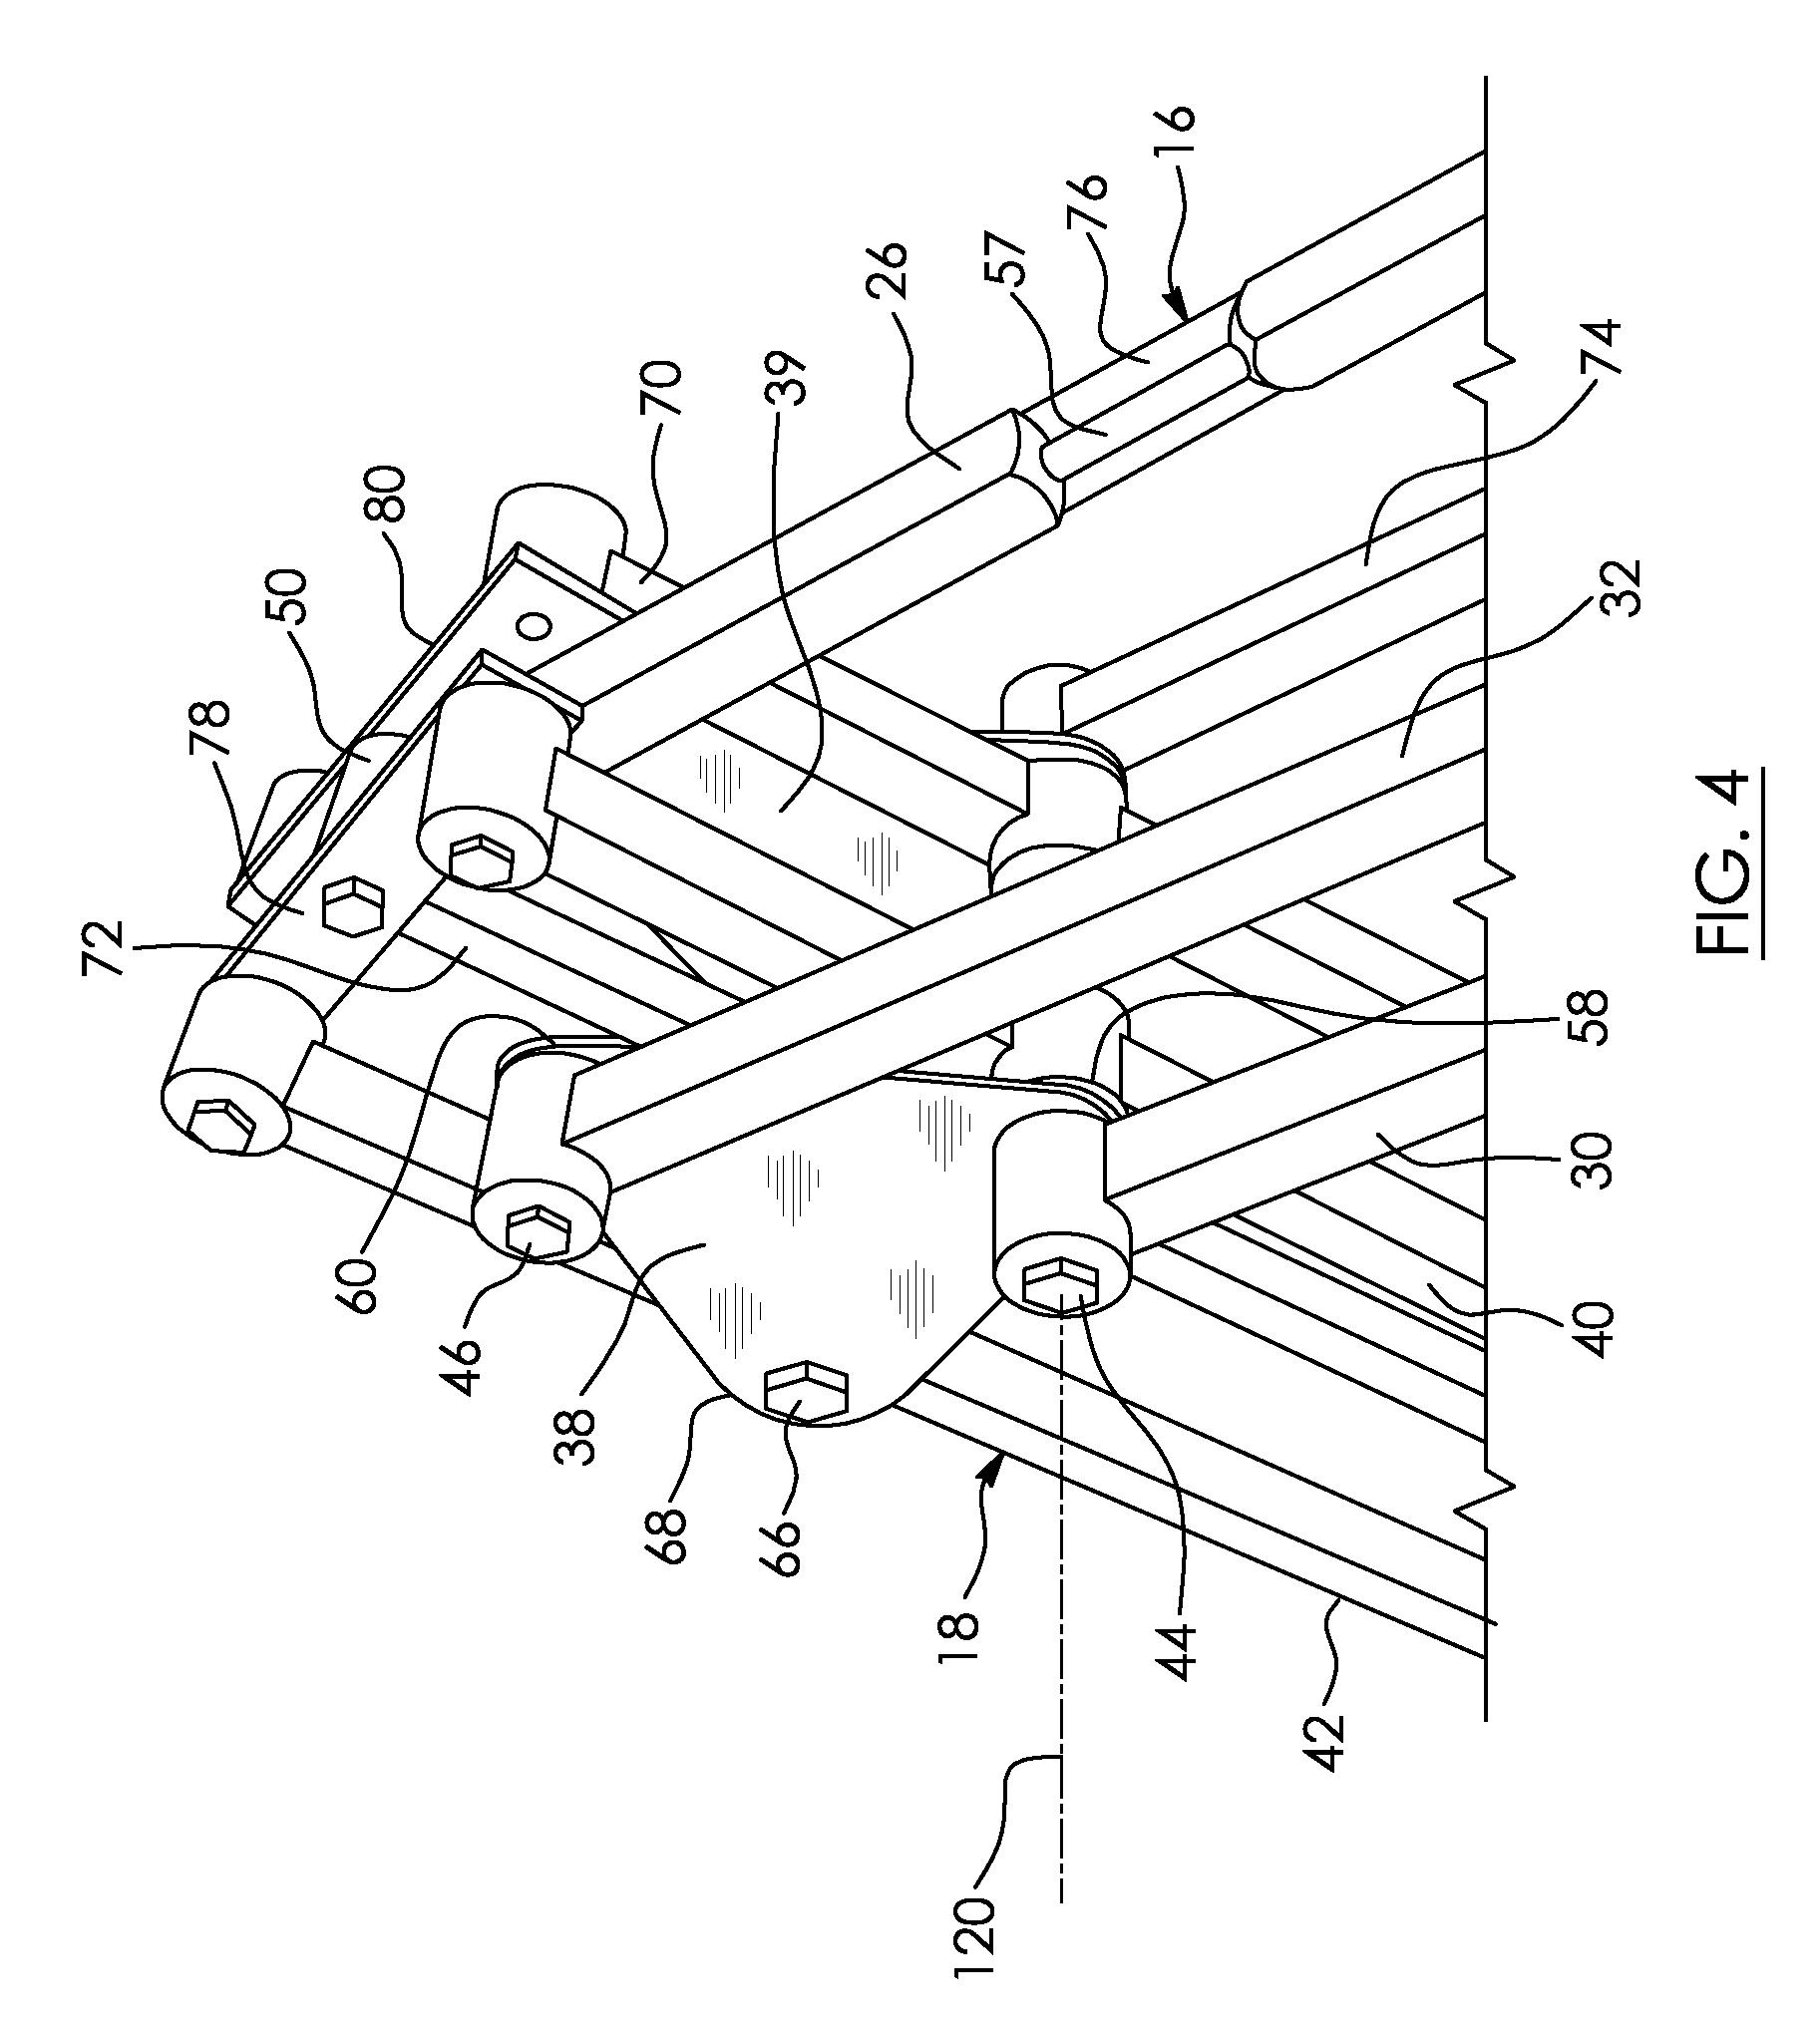 49cc engine wiring diagram schematic wiring diagrams schematics